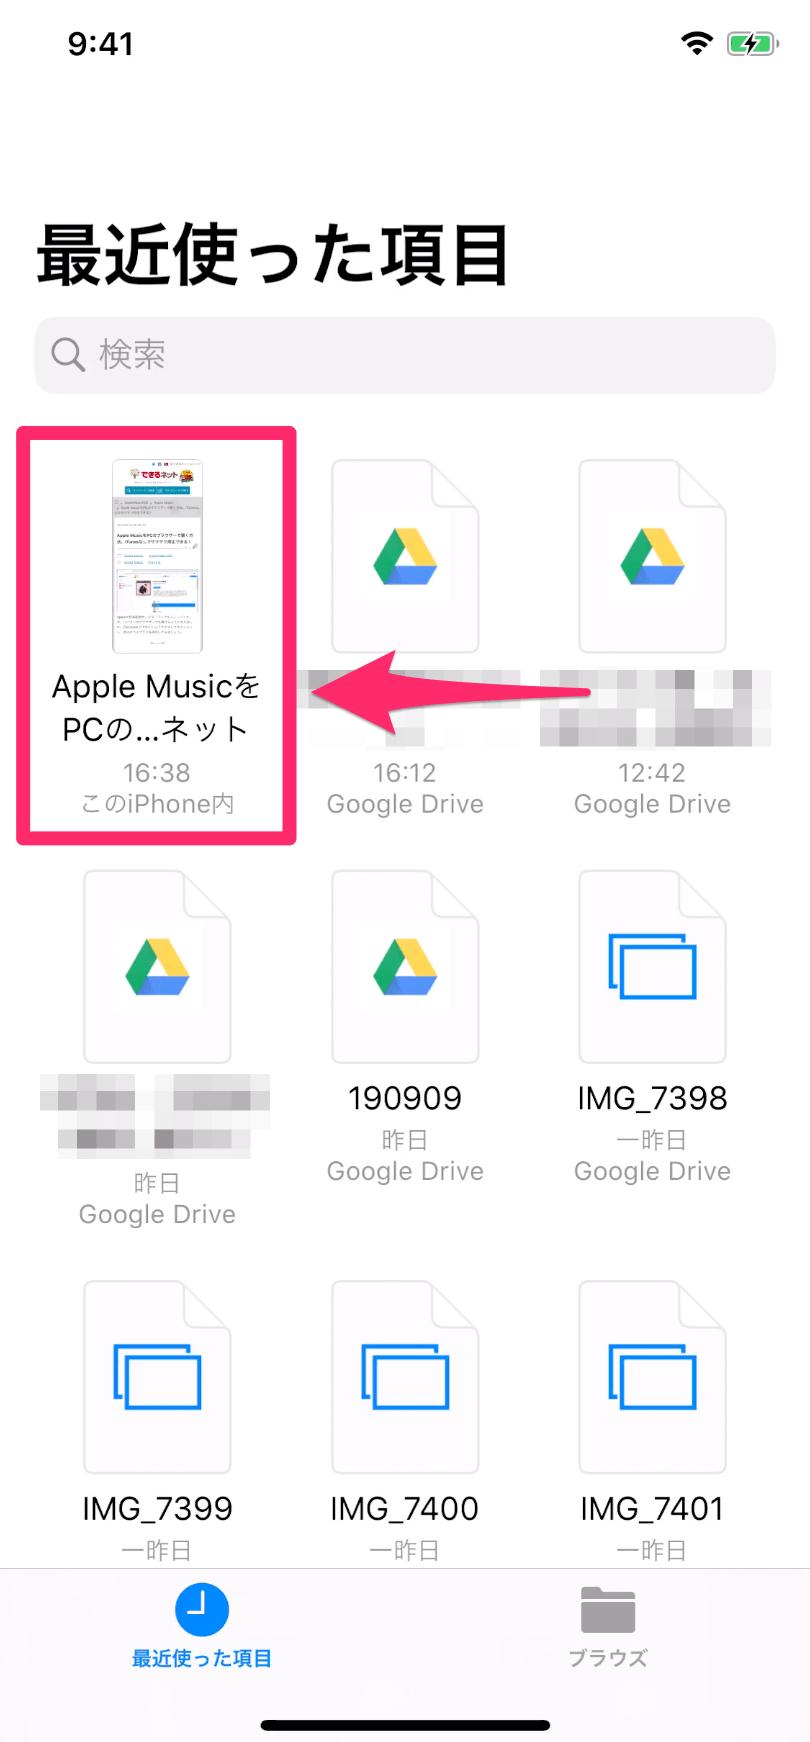 【iOS 13】iPhoneでWebページ全体を撮影する方法。「フルページ」でPDF保存が便利すぎる!